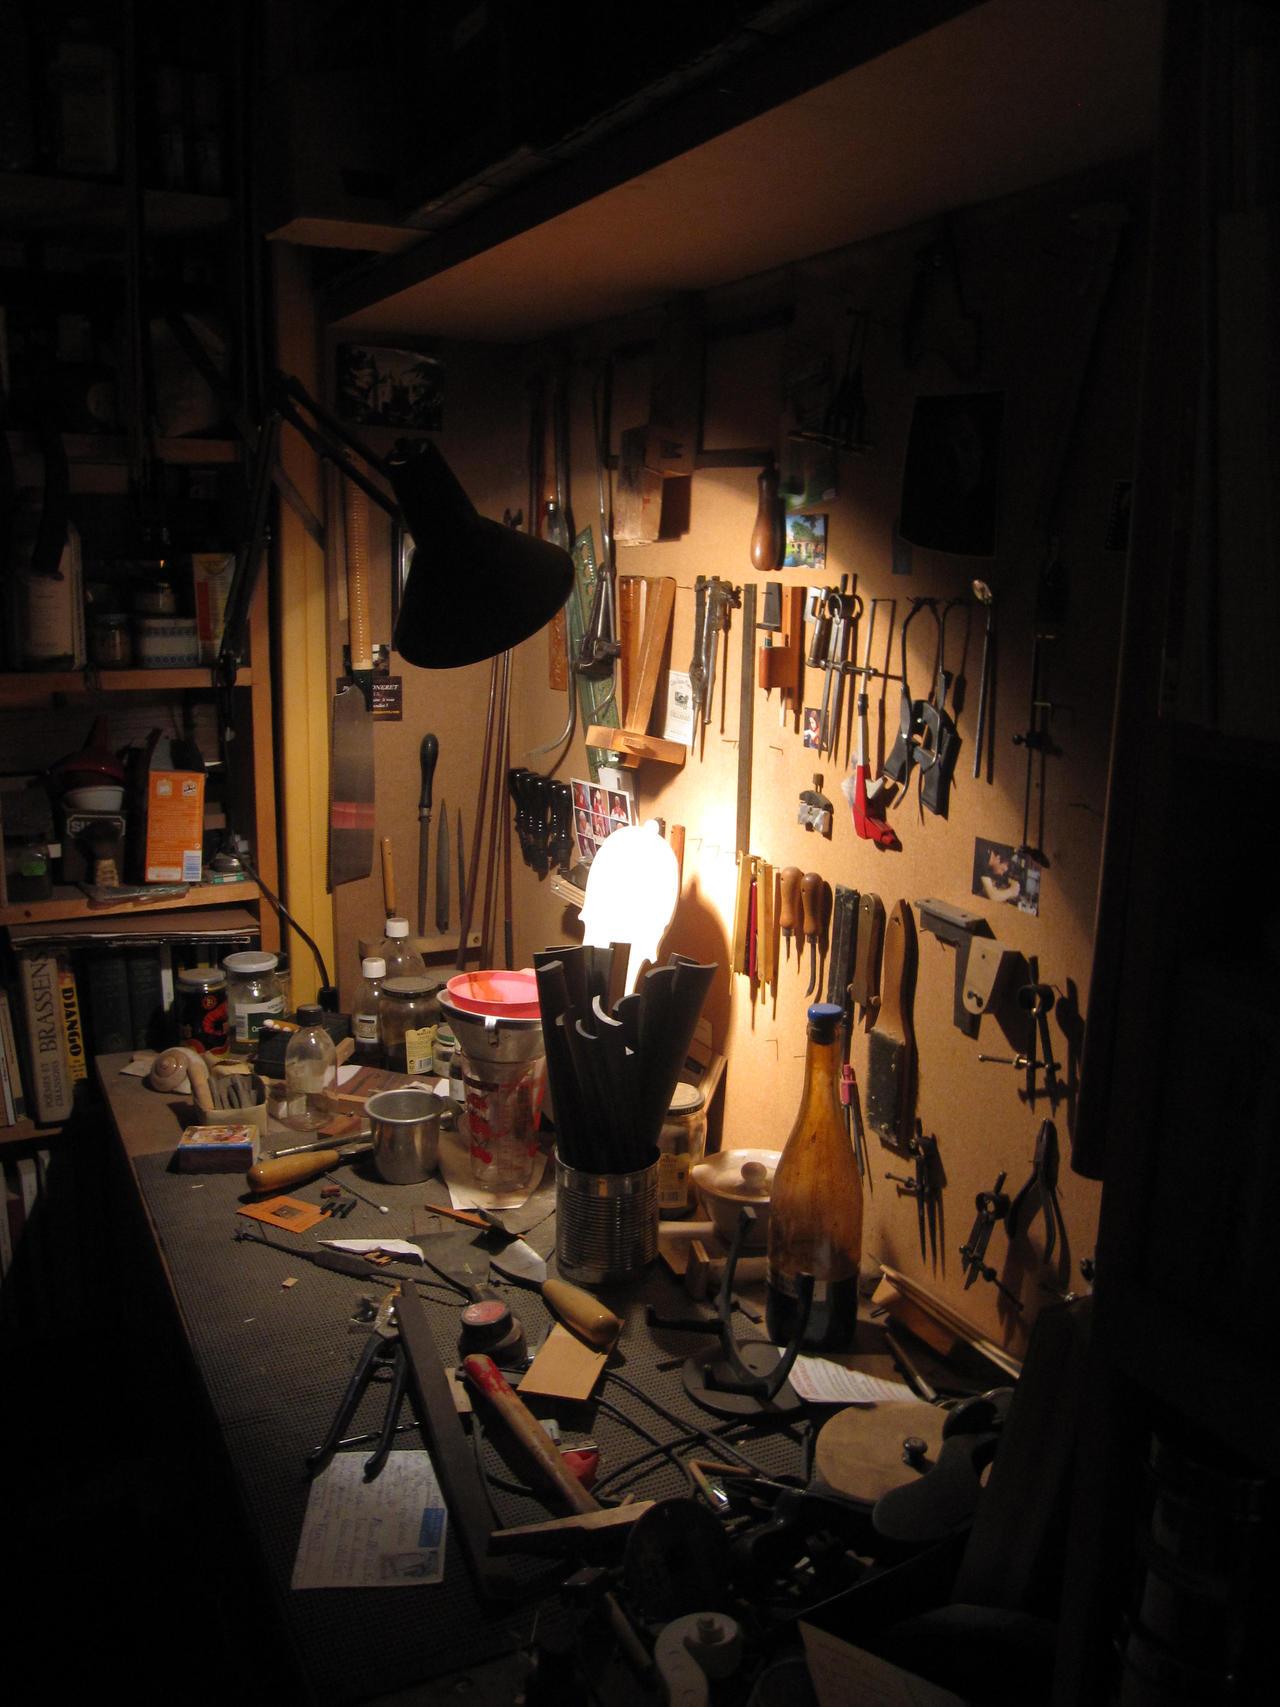 workshop of luthier